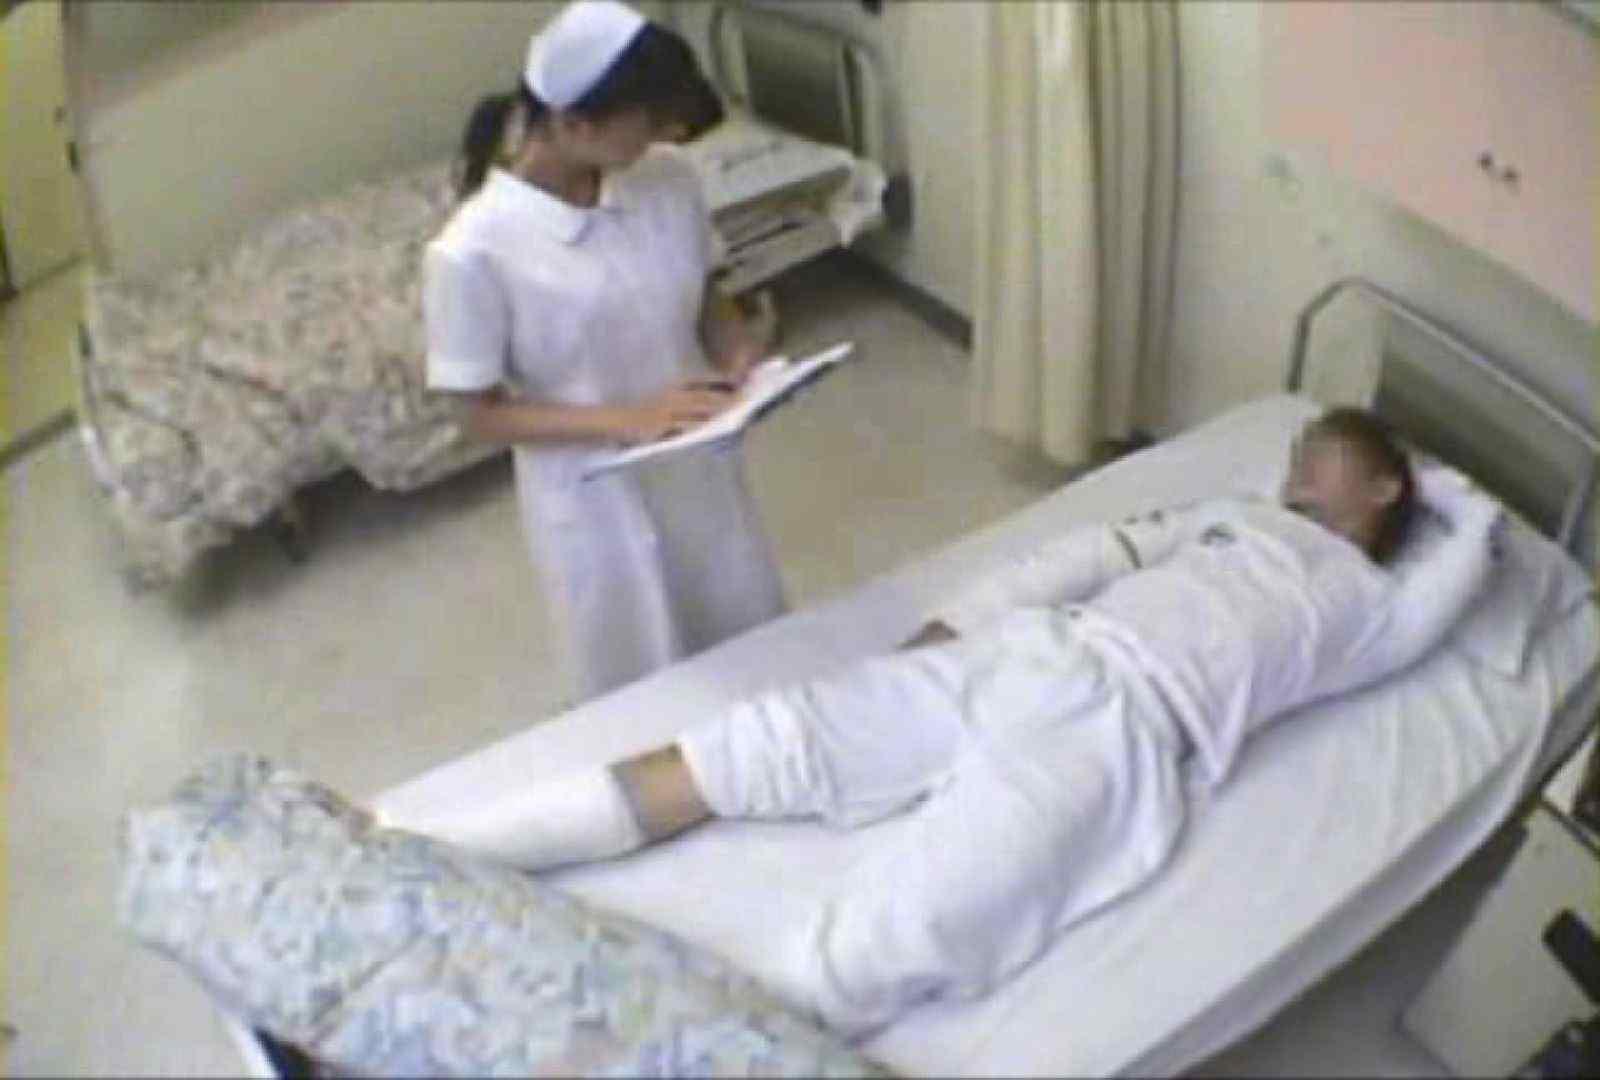 絶対に逝ってはいけない寸止め病棟Vol.5 OLセックス  98画像 54